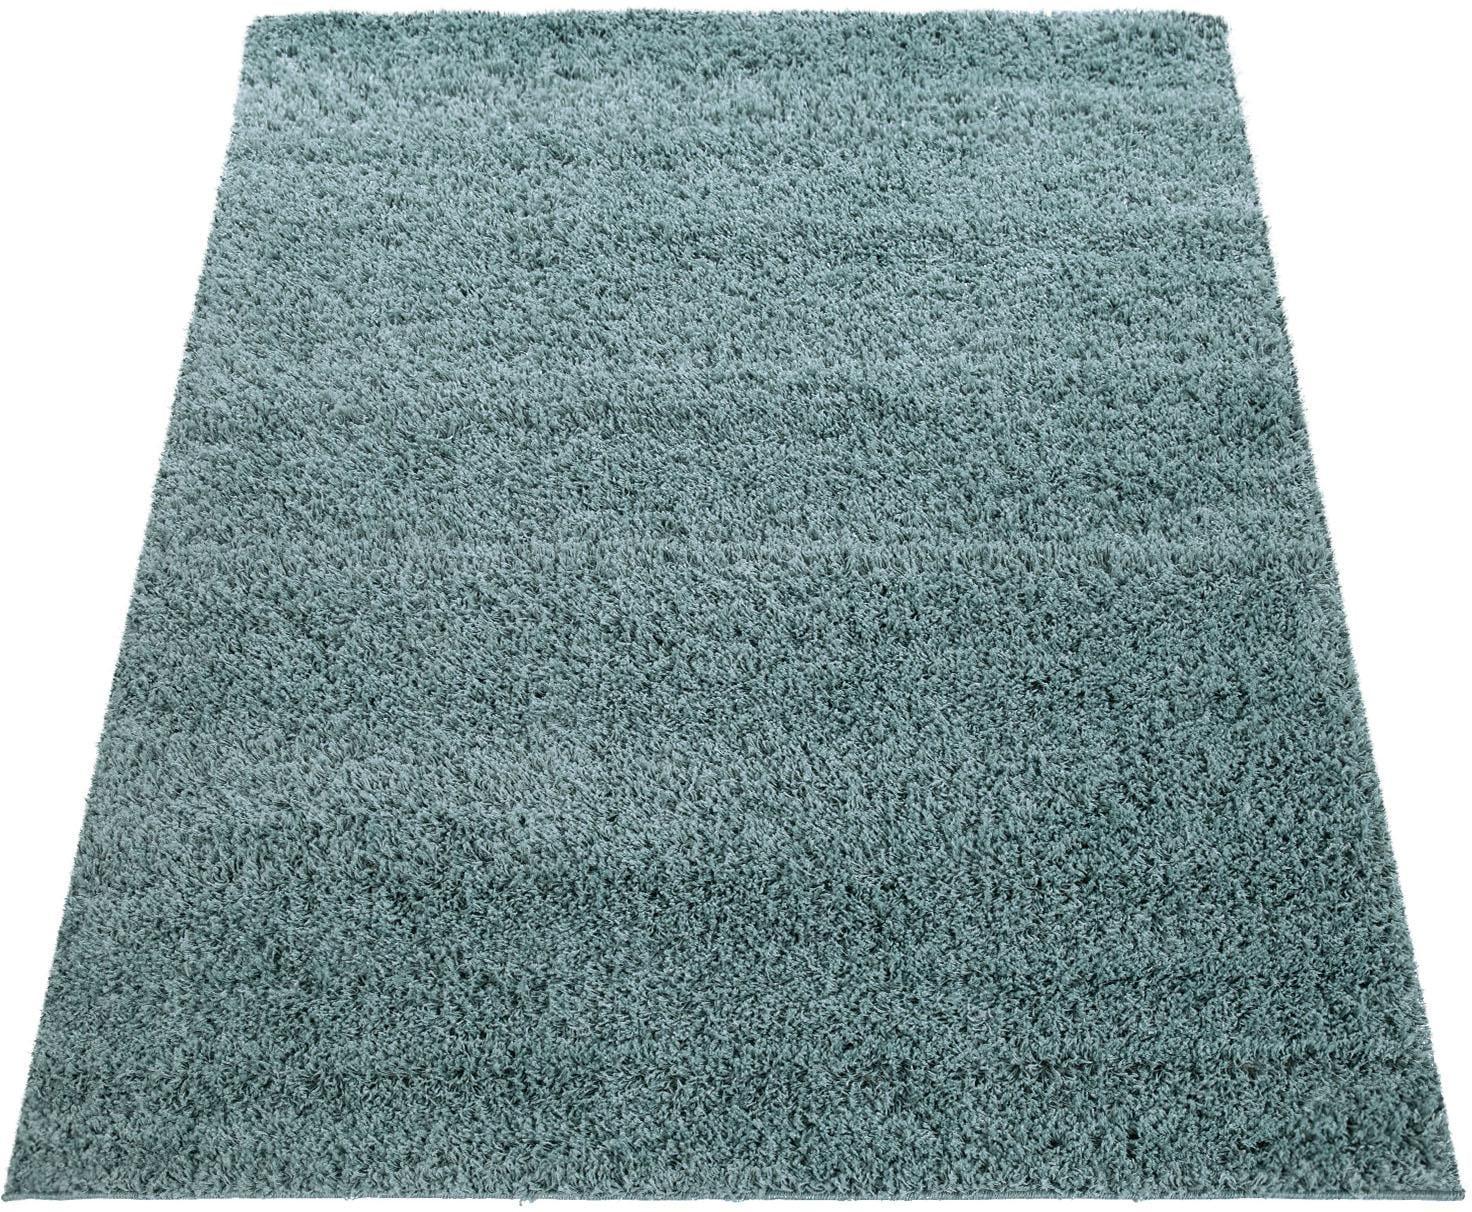 Hochflor-Teppich Twister 500 Paco Home rechteckig Höhe 45 mm